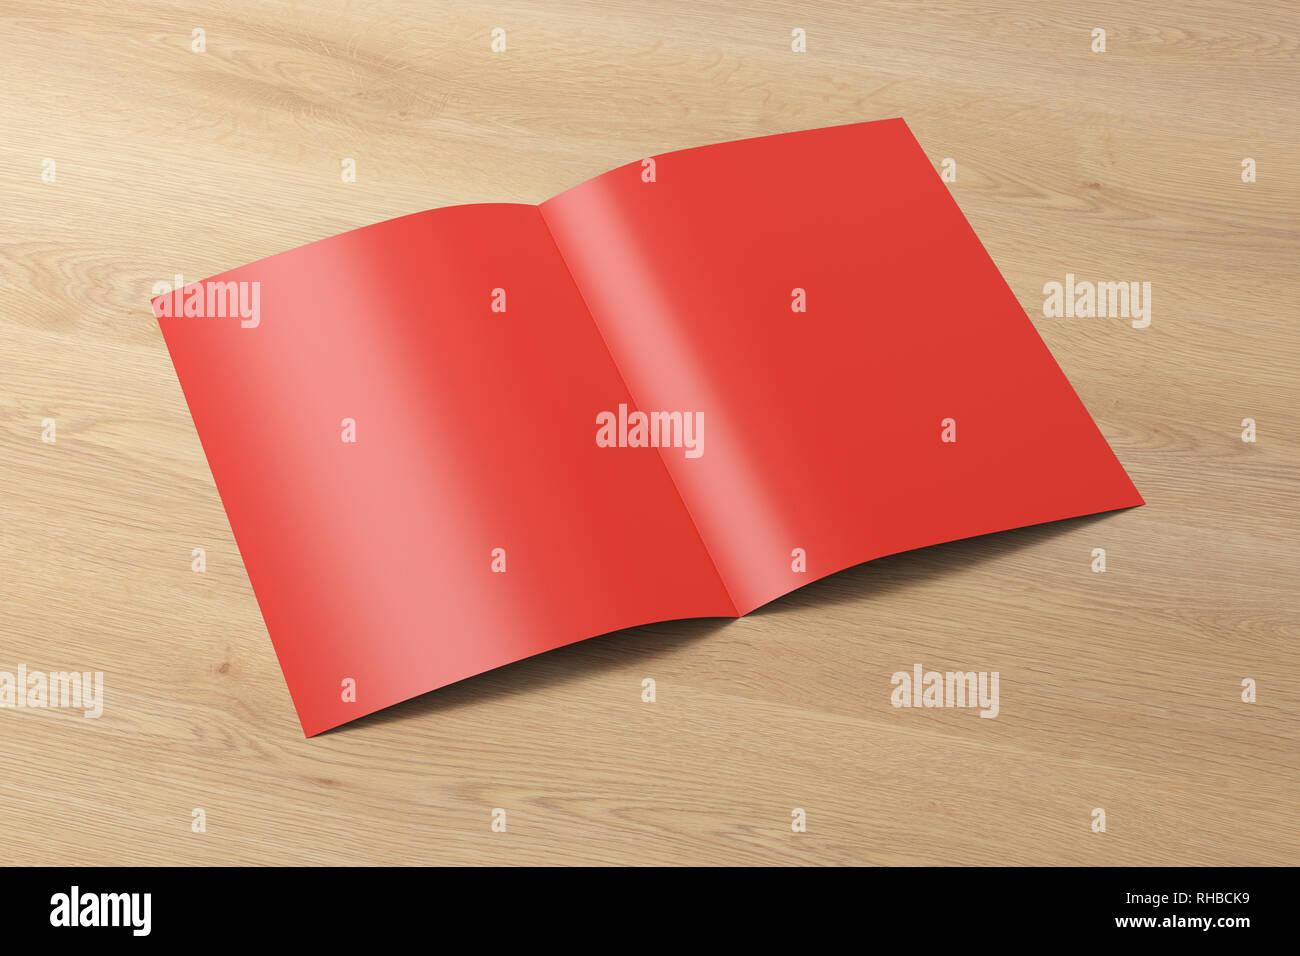 2b38e3d9d6b Leer rot halb gefaltet Flyer Broschüre über Holz- Hintergrund. Mit  Beschneidungspfad um Broschüre. 3D-Darstellung